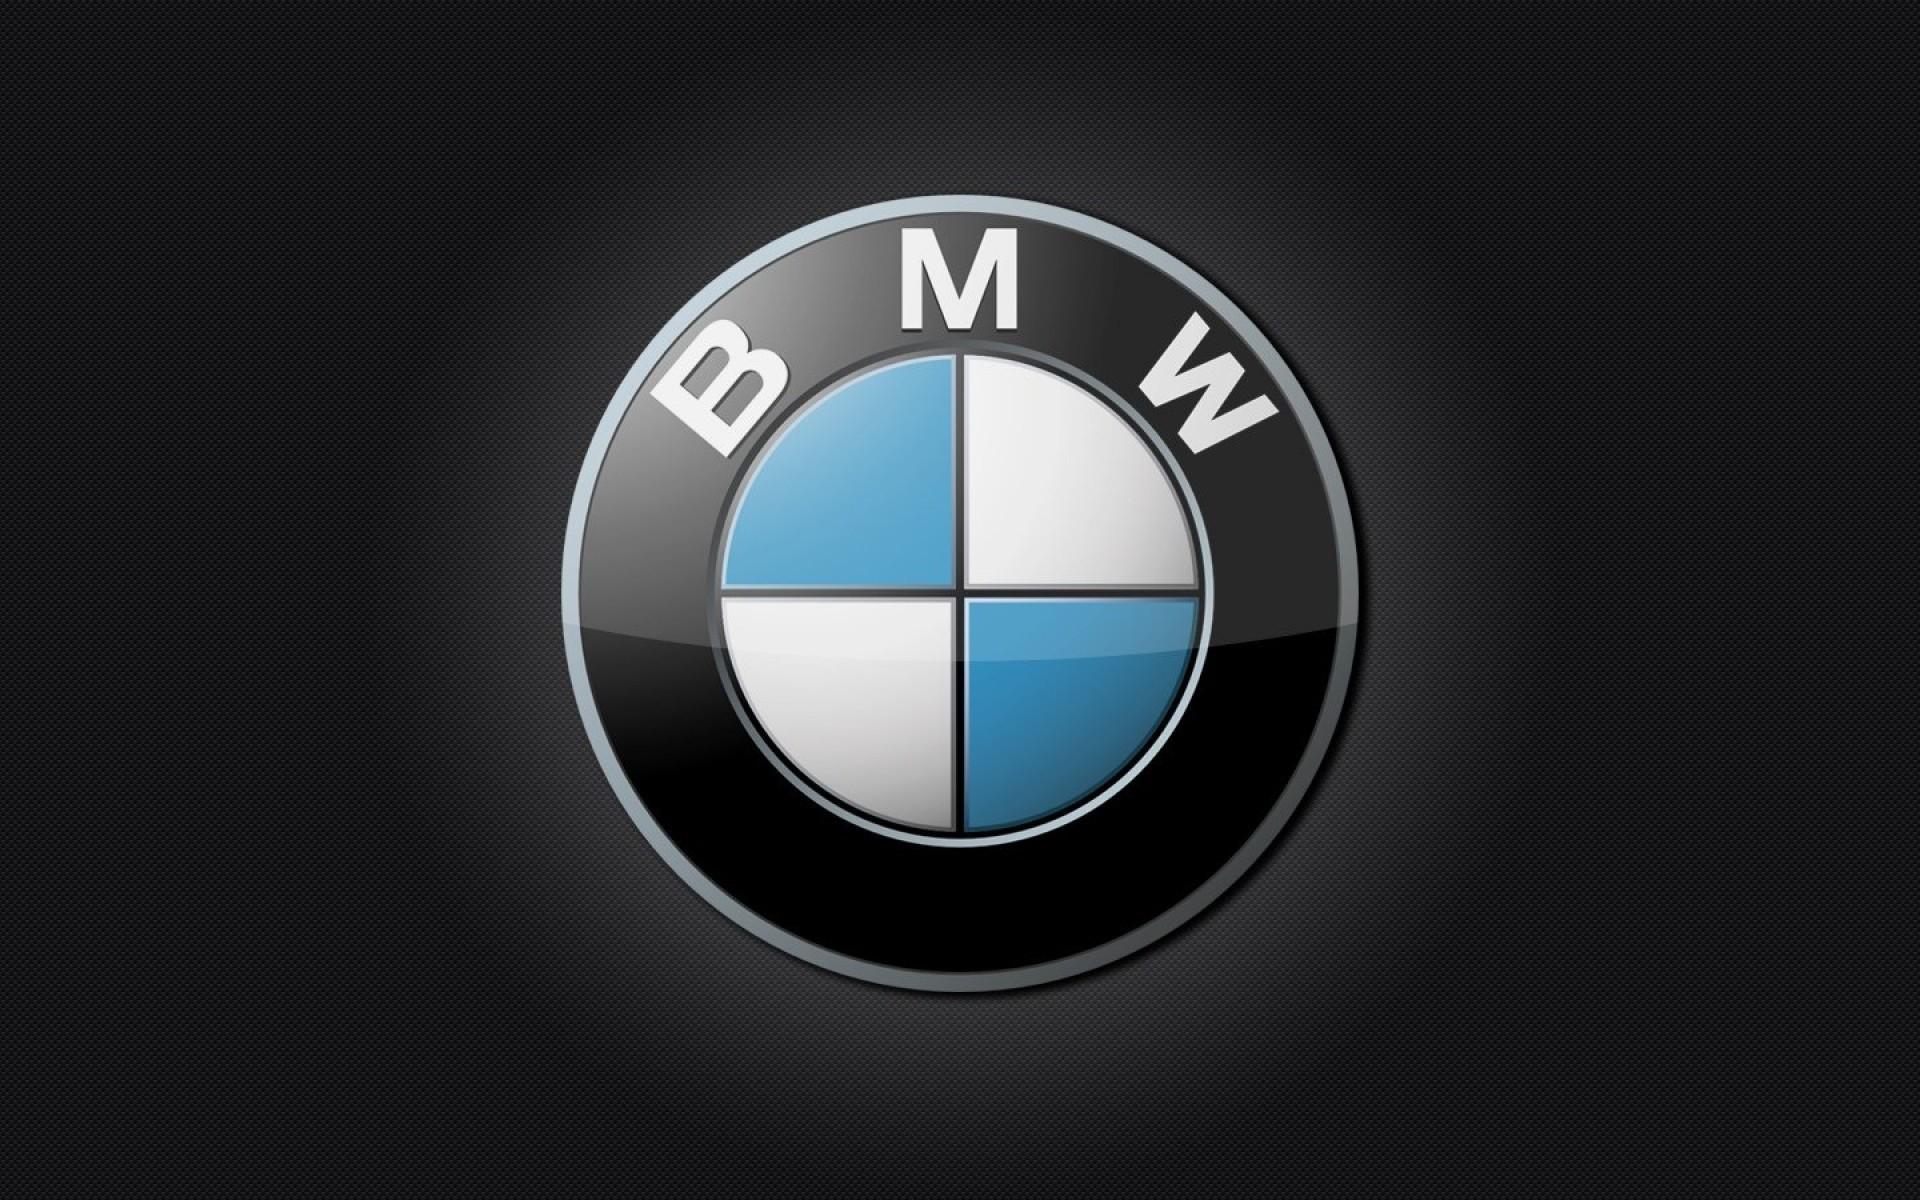 Wallpaper BMW LOGO Bmw Logo Bmw Logo Mpower Cars Machines 1920x1200